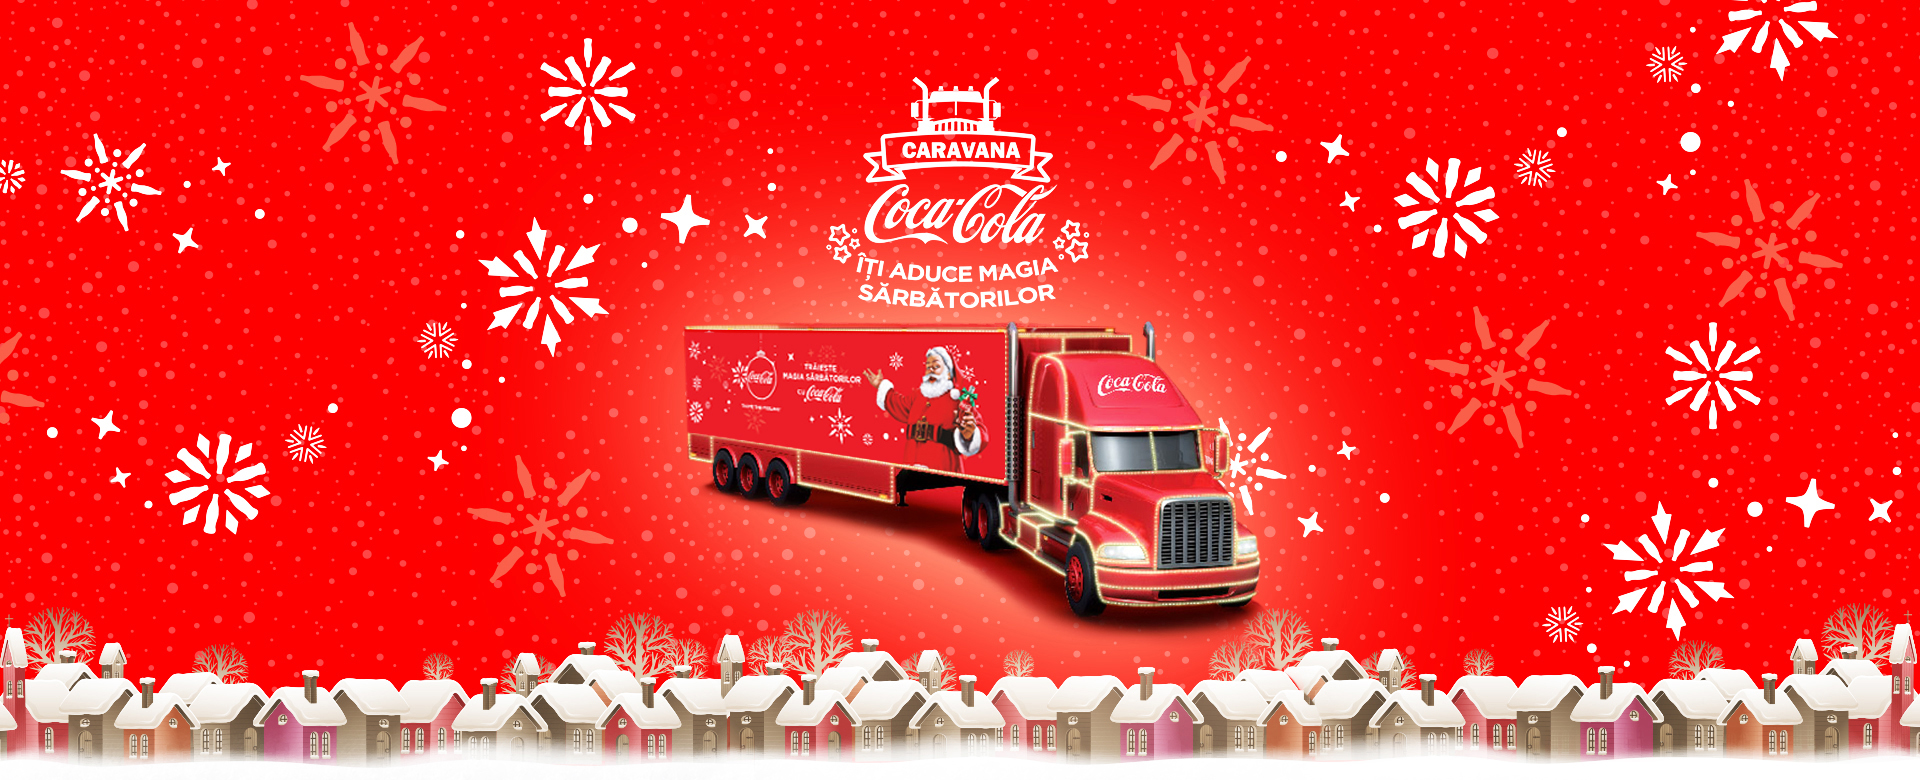 caravana-coca-cola